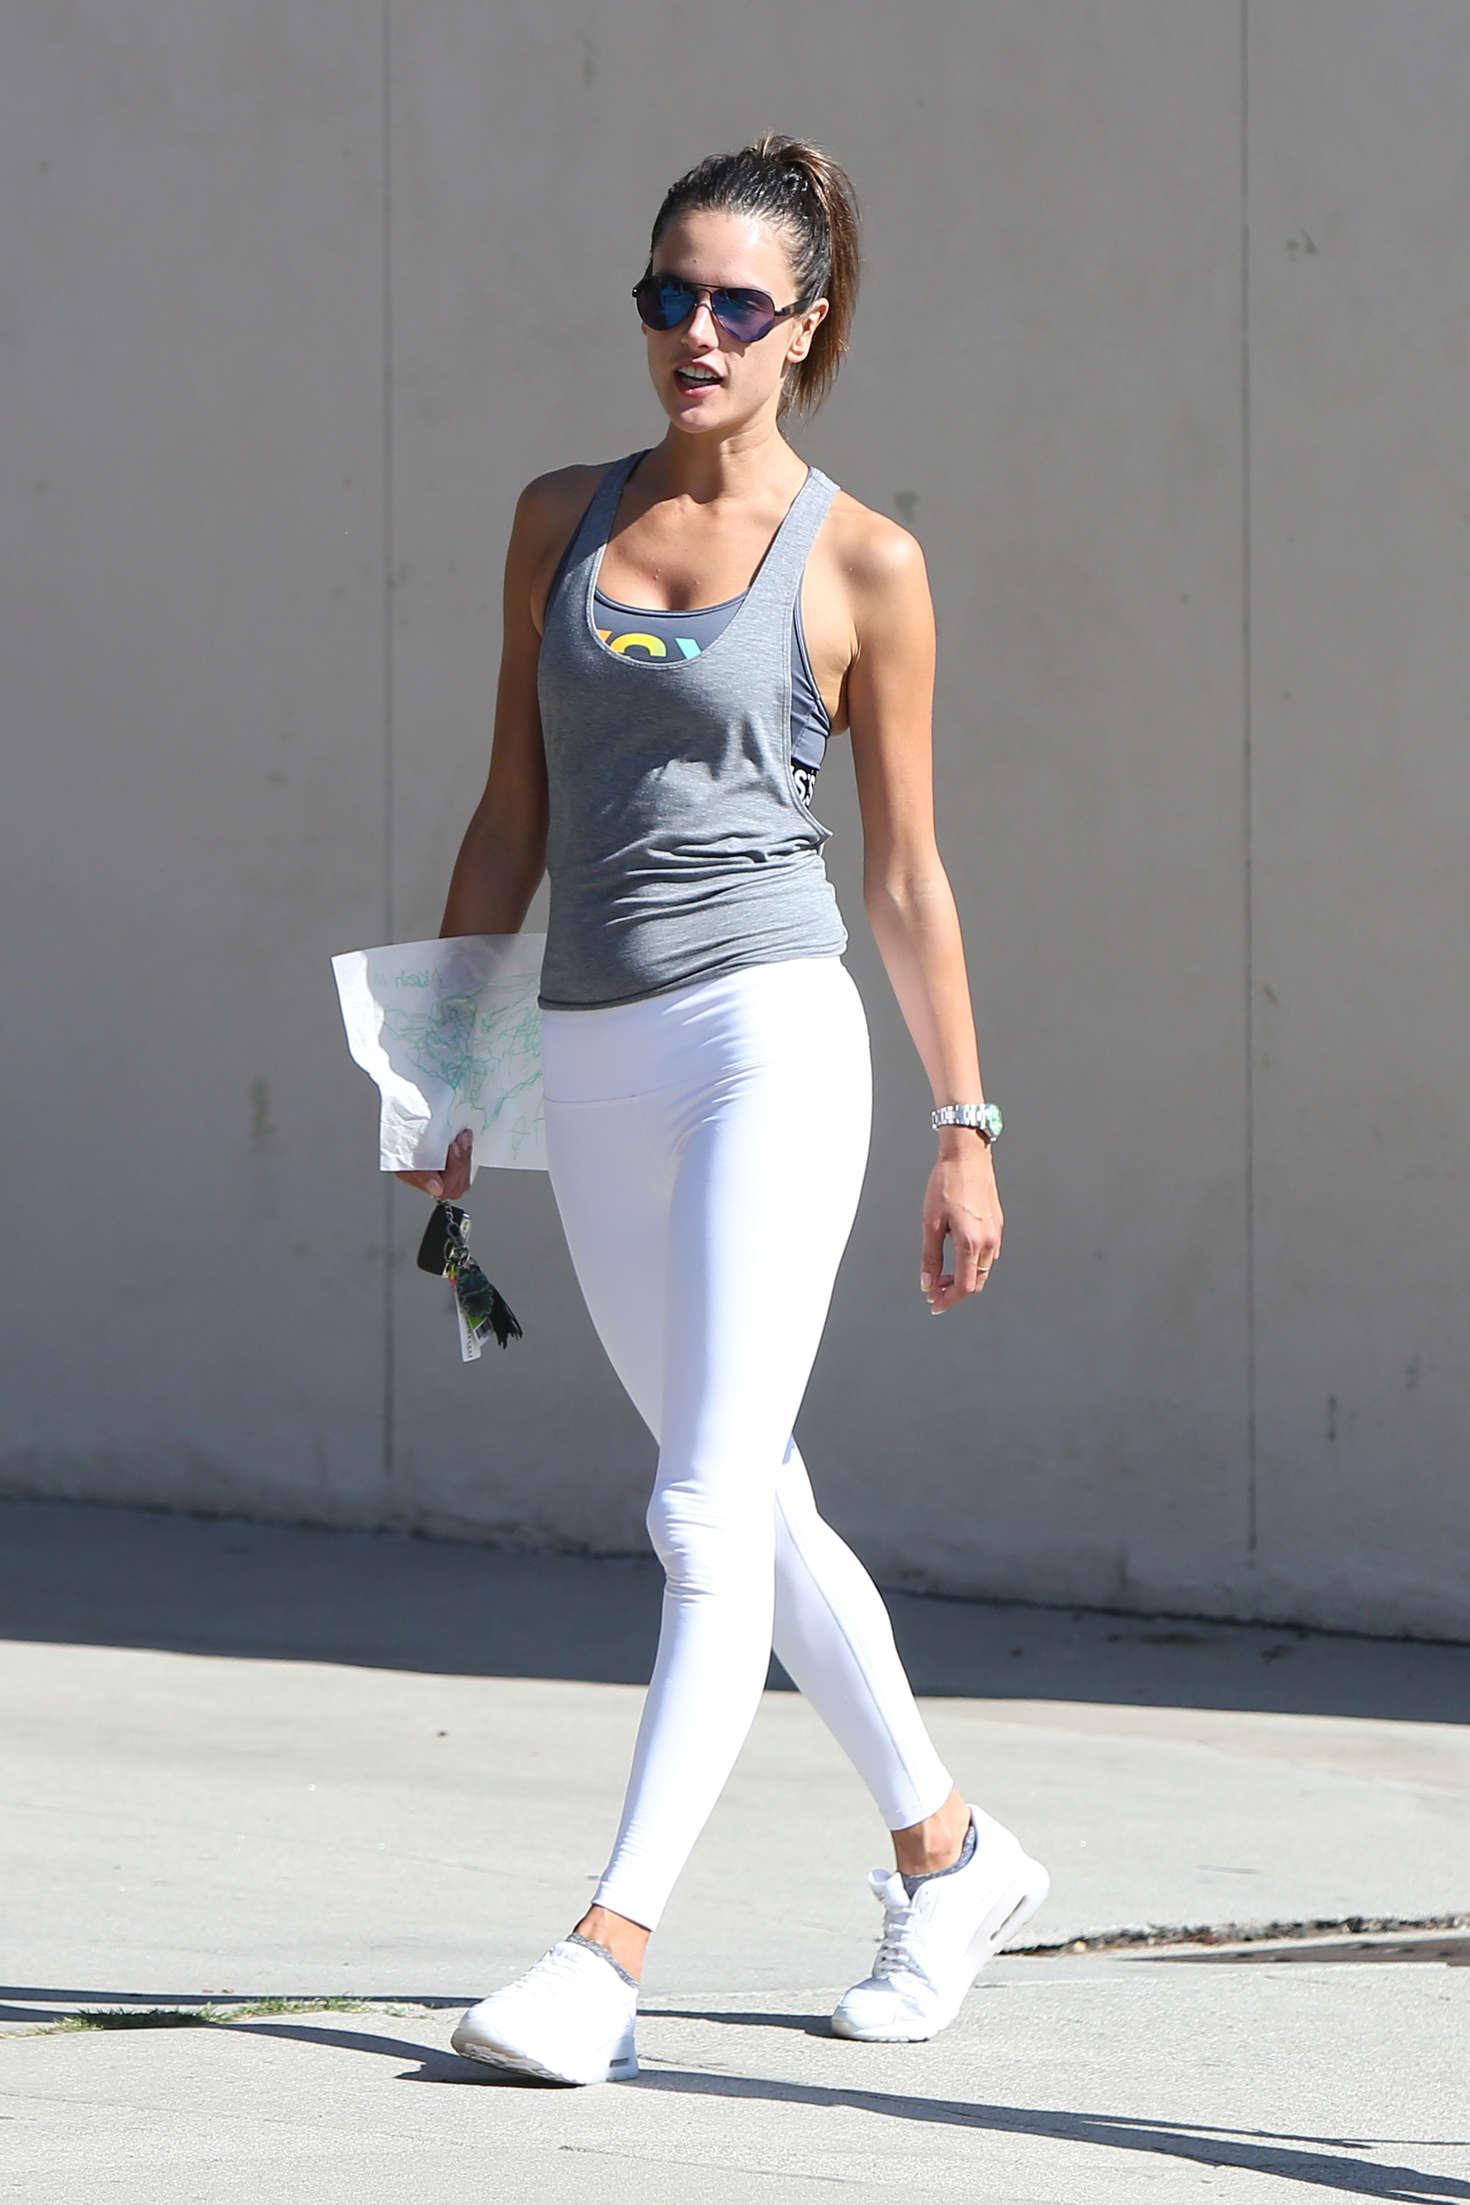 Alessandra Ambrosio 2016 : Alessandra Ambrosio Booty in White Tights -01